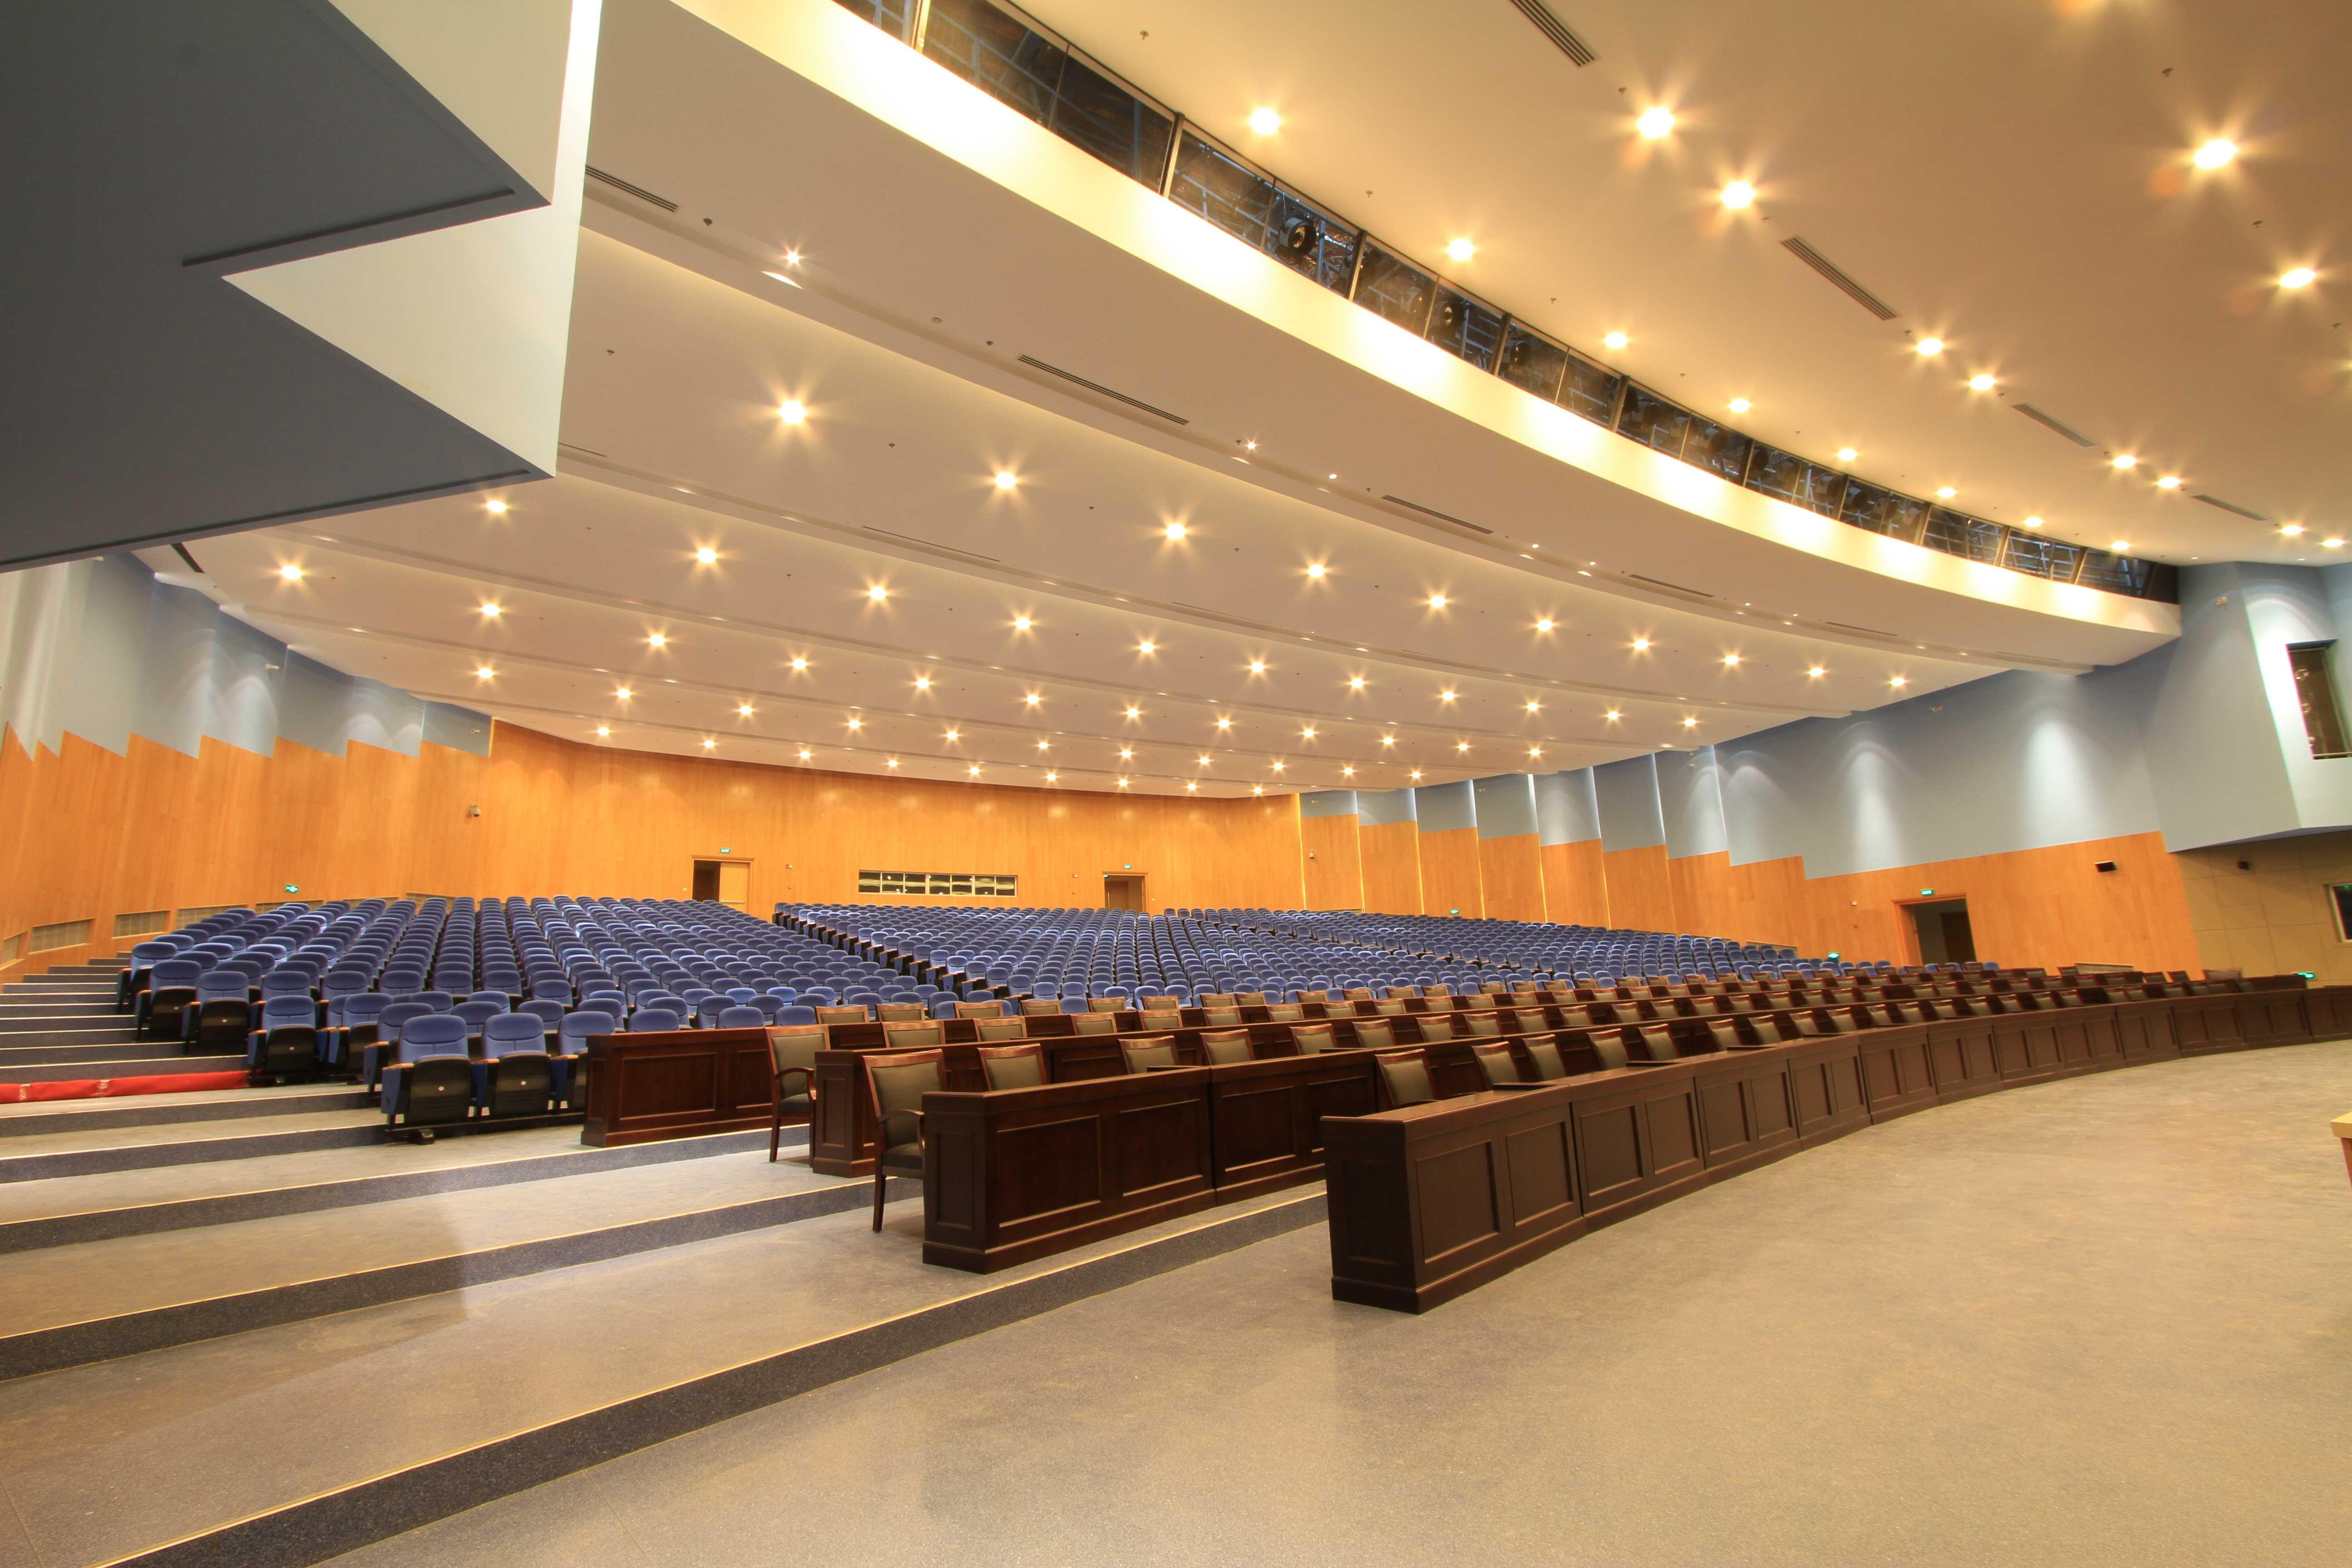 马拉维项目照片-精选-4、国际会议中心主会议厅2